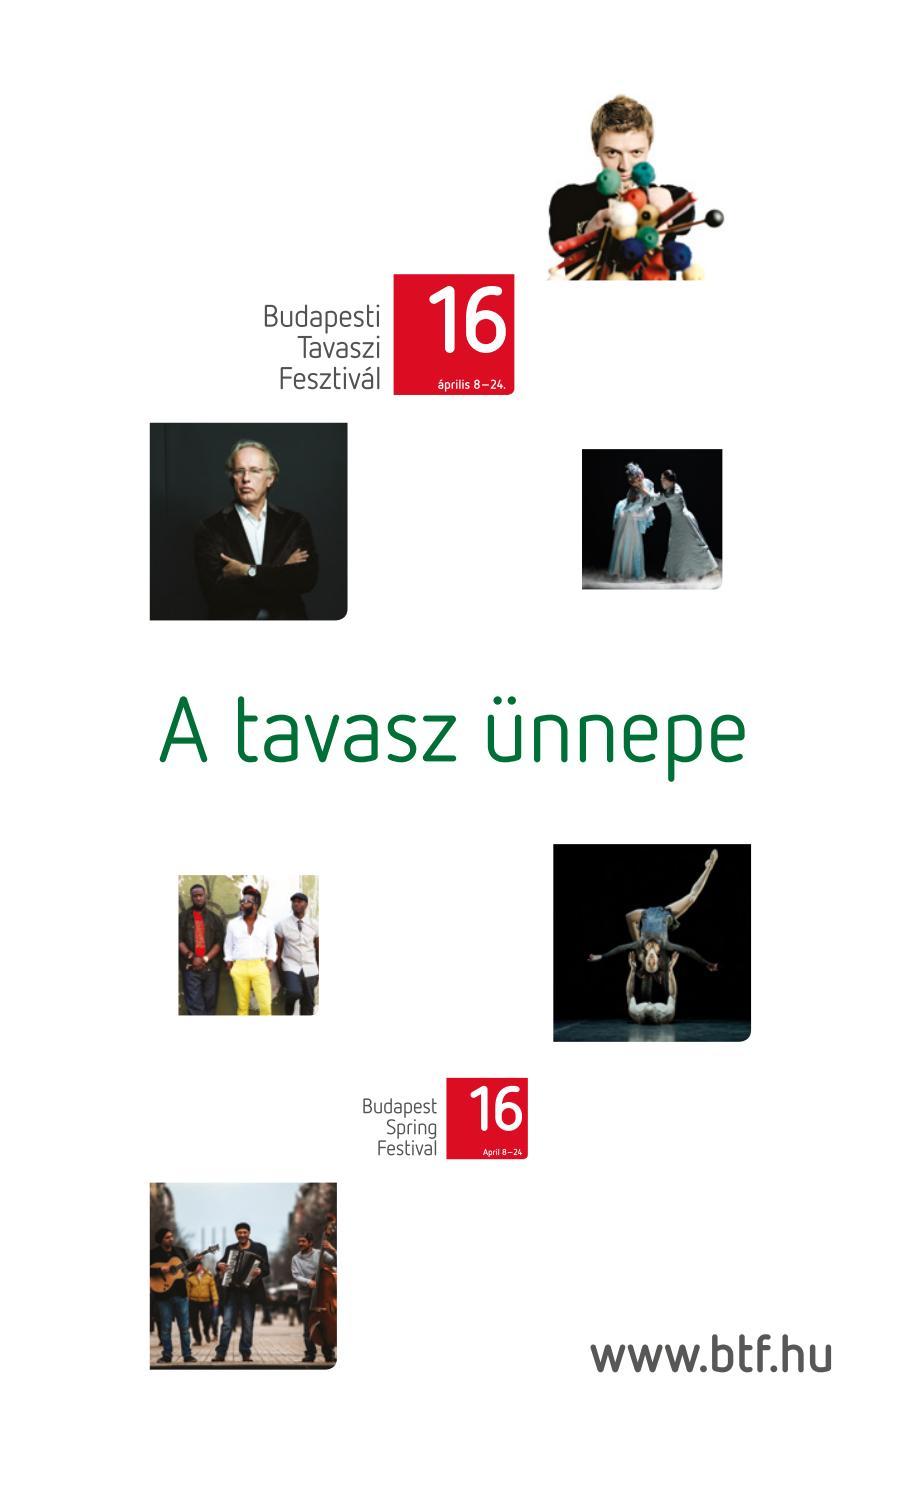 5f1e22e02d84 Budapesti Tavaszi Fesztivál 2016 by Budapesti Tavaszi Fesztivál - issuu